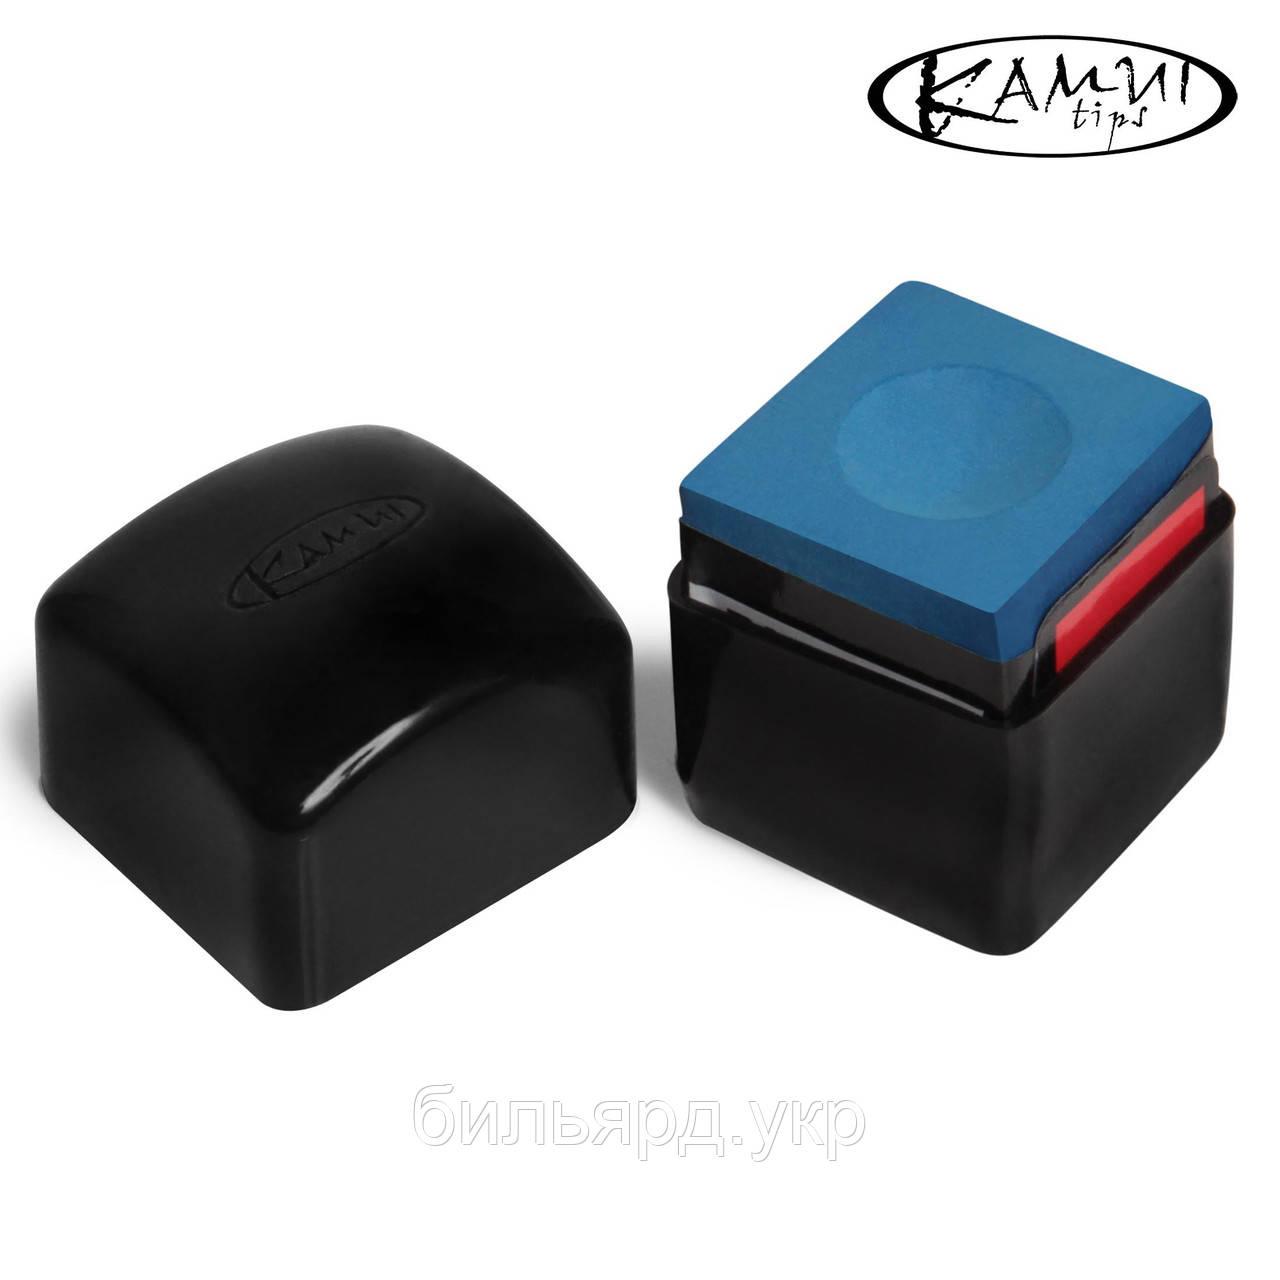 Пенал для крейди Kamui Beta c магнітом 1шт.